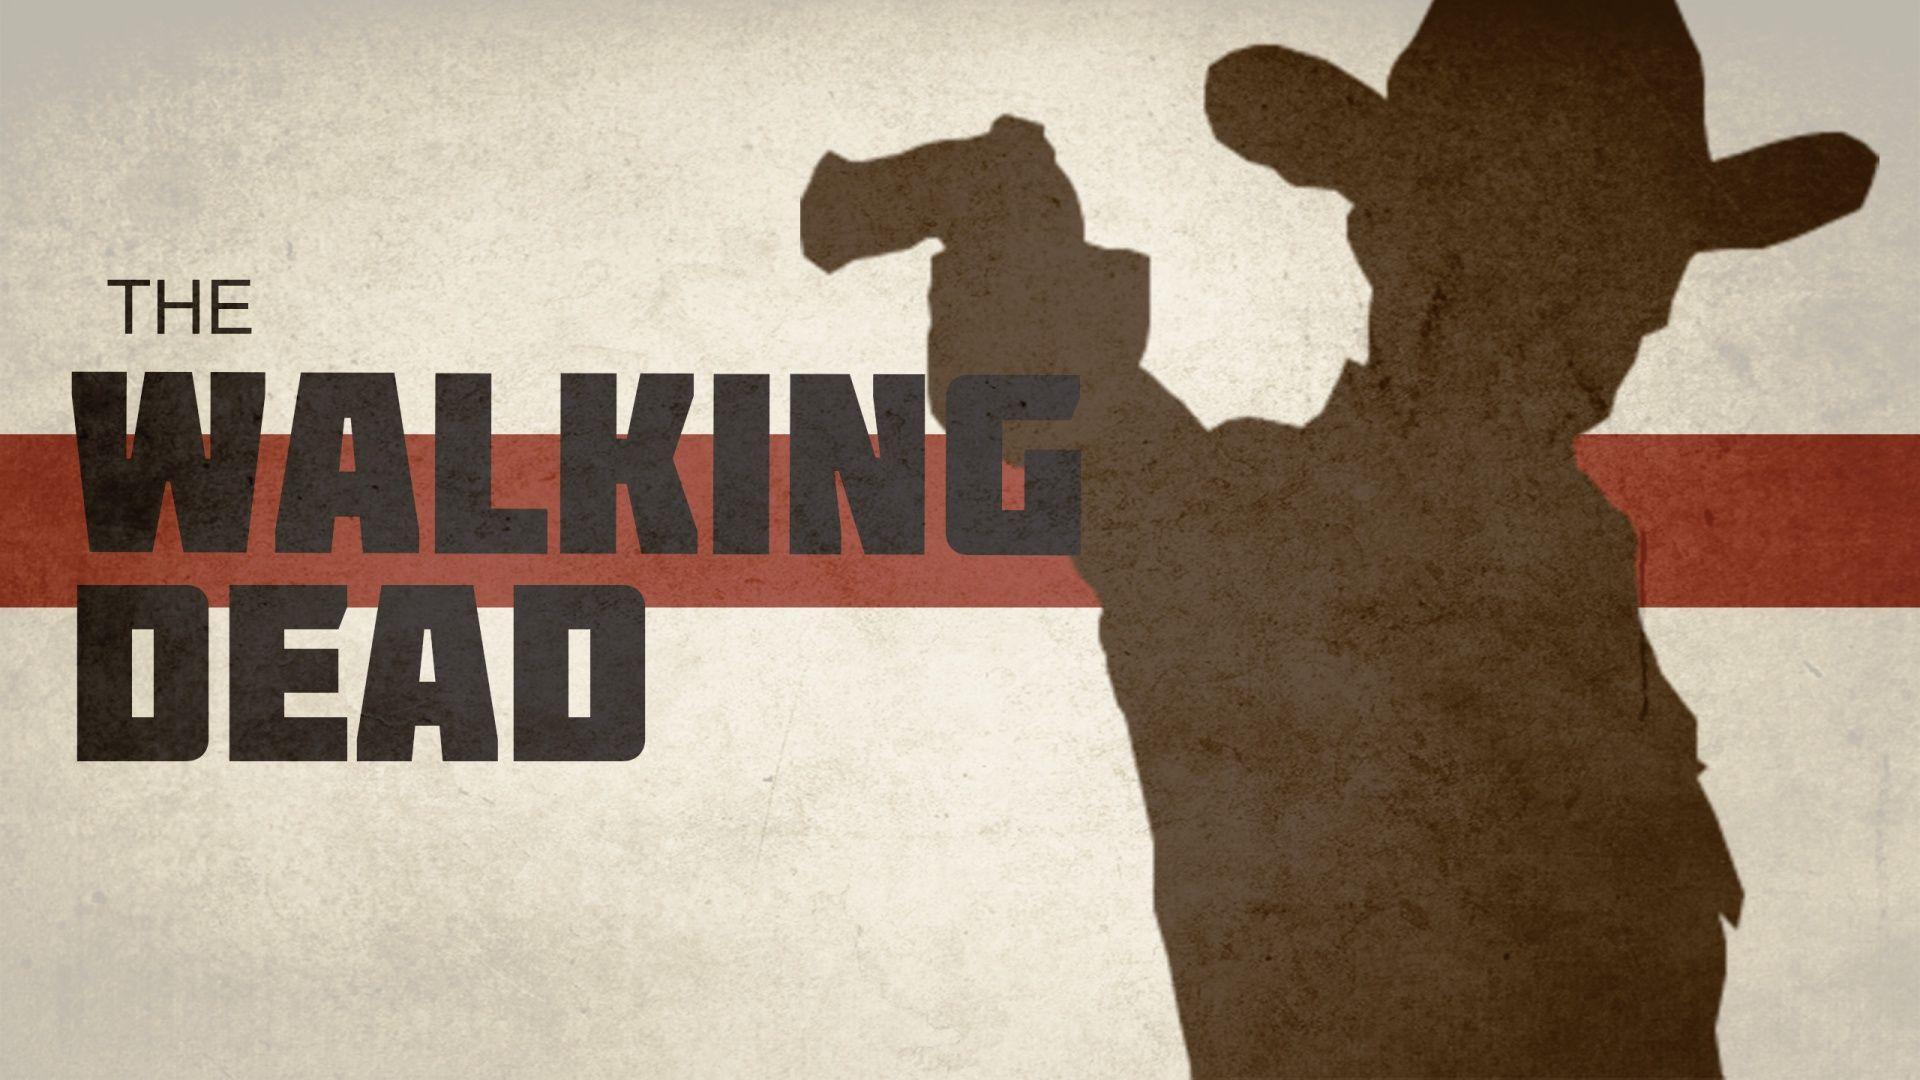 The Walking Dead Wallpapers: The Walking Dead Wallpapers 1920x1080